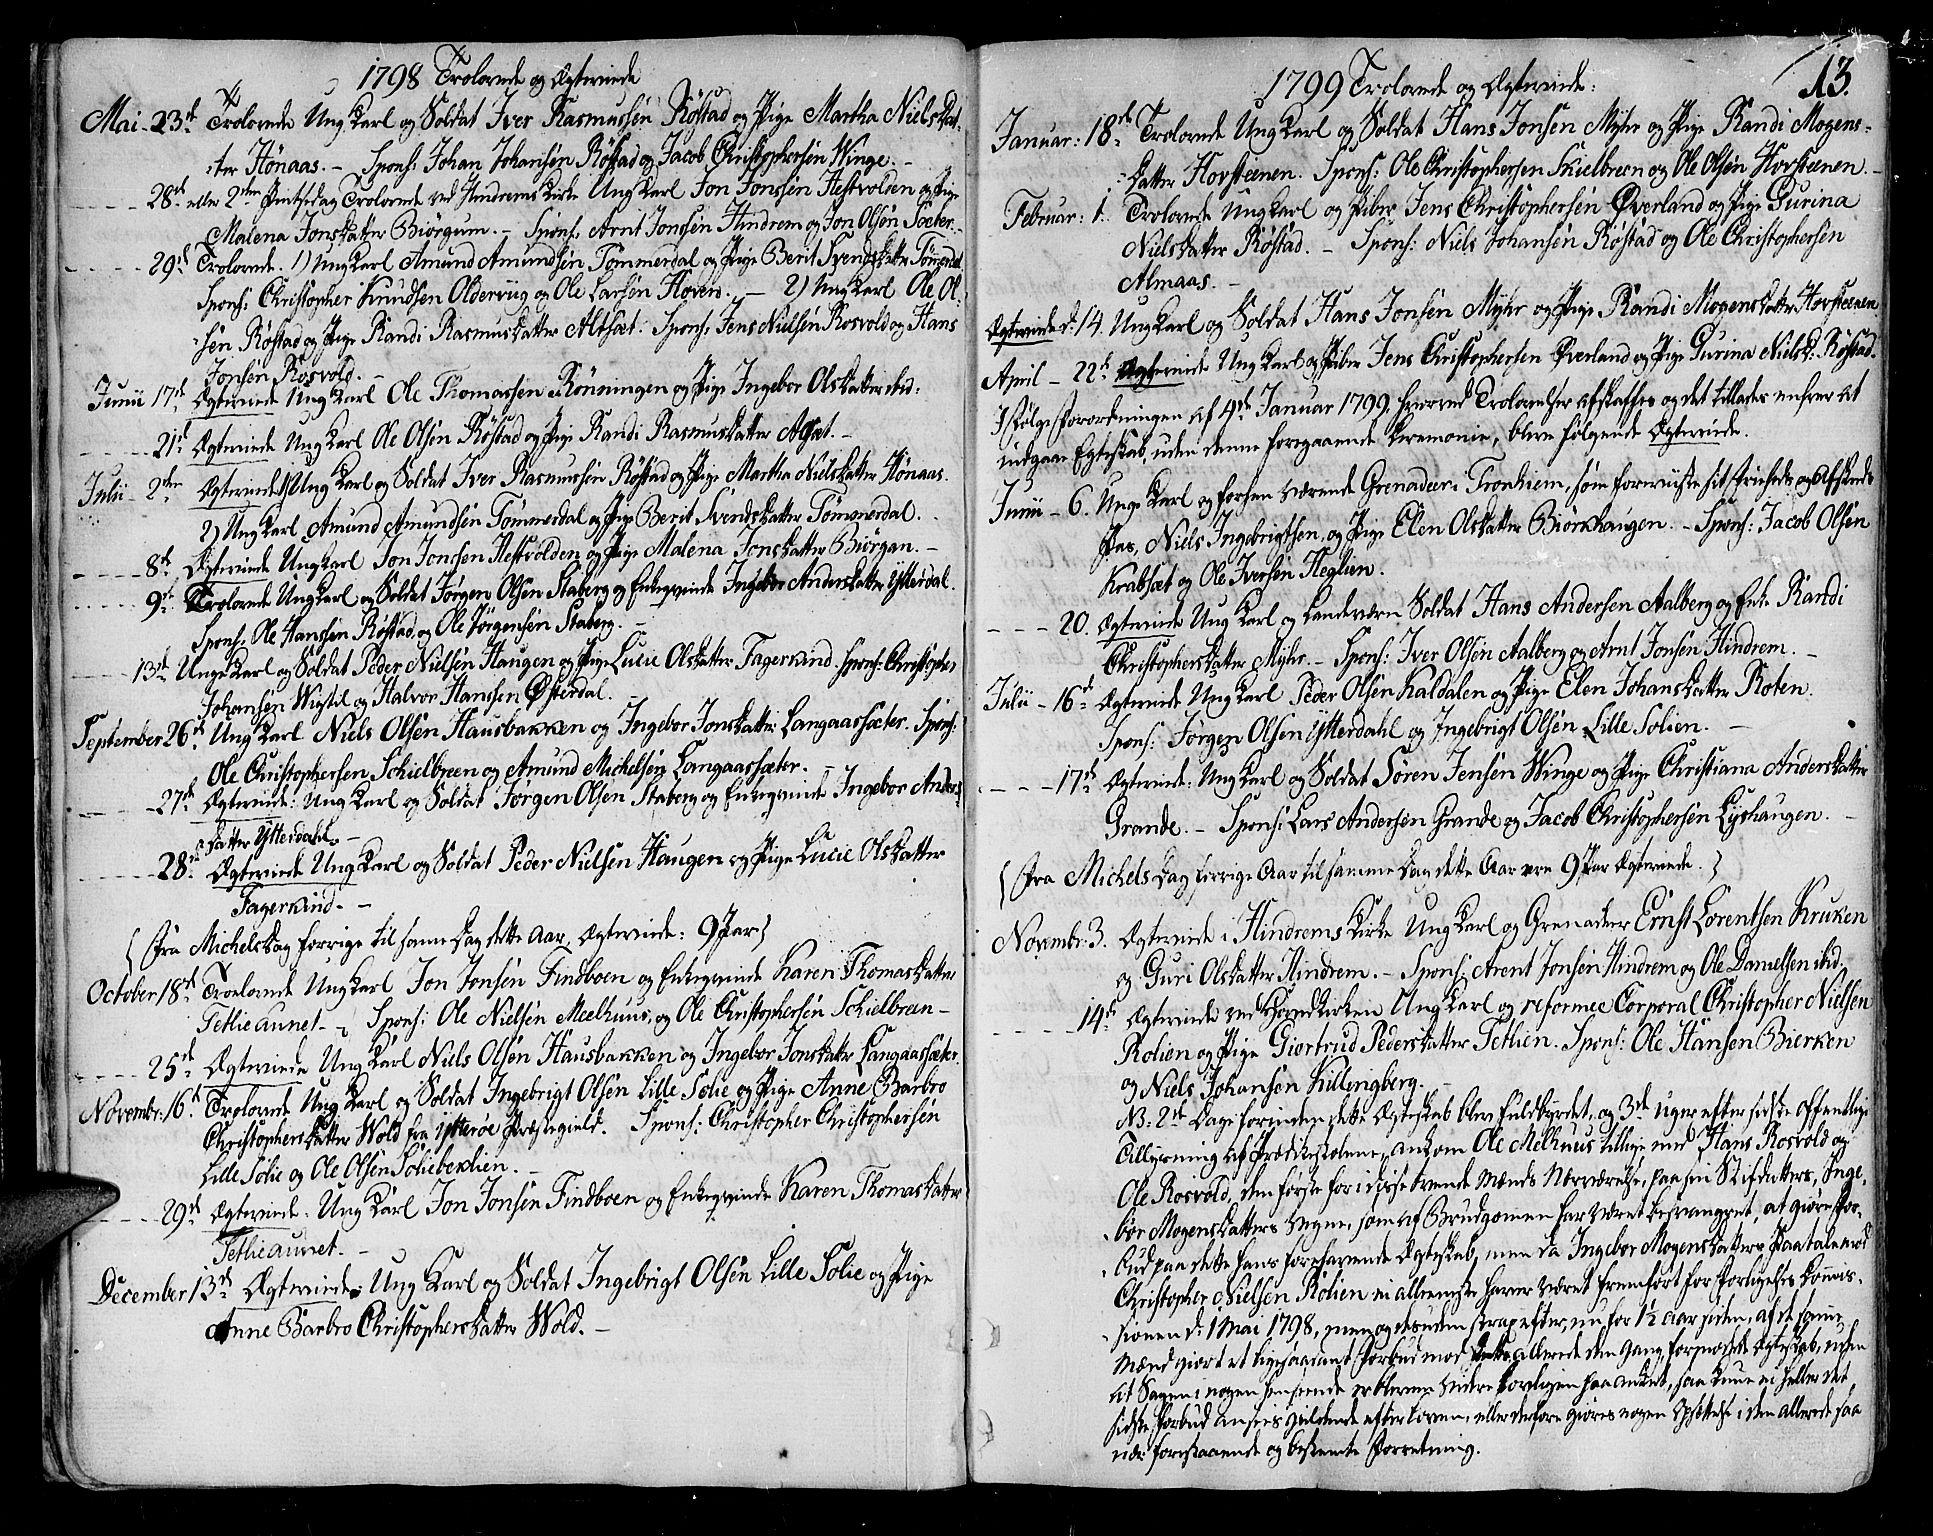 SAT, Ministerialprotokoller, klokkerbøker og fødselsregistre - Nord-Trøndelag, 701/L0004: Parish register (official) no. 701A04, 1783-1816, p. 13